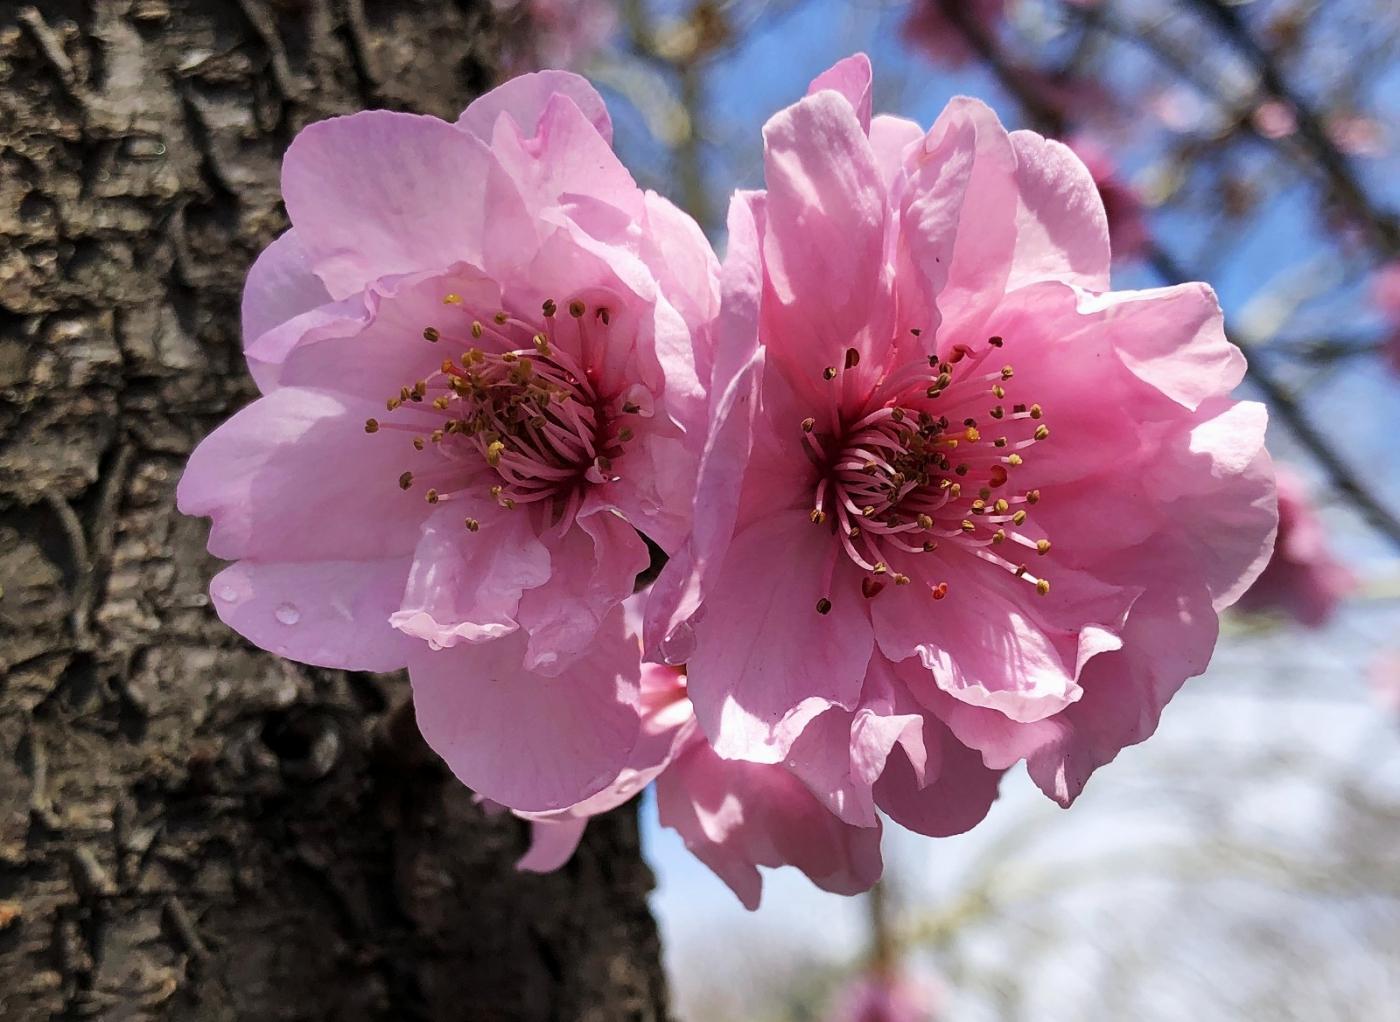 【田螺手机摄影】街口的杏花又开一年_图1-16